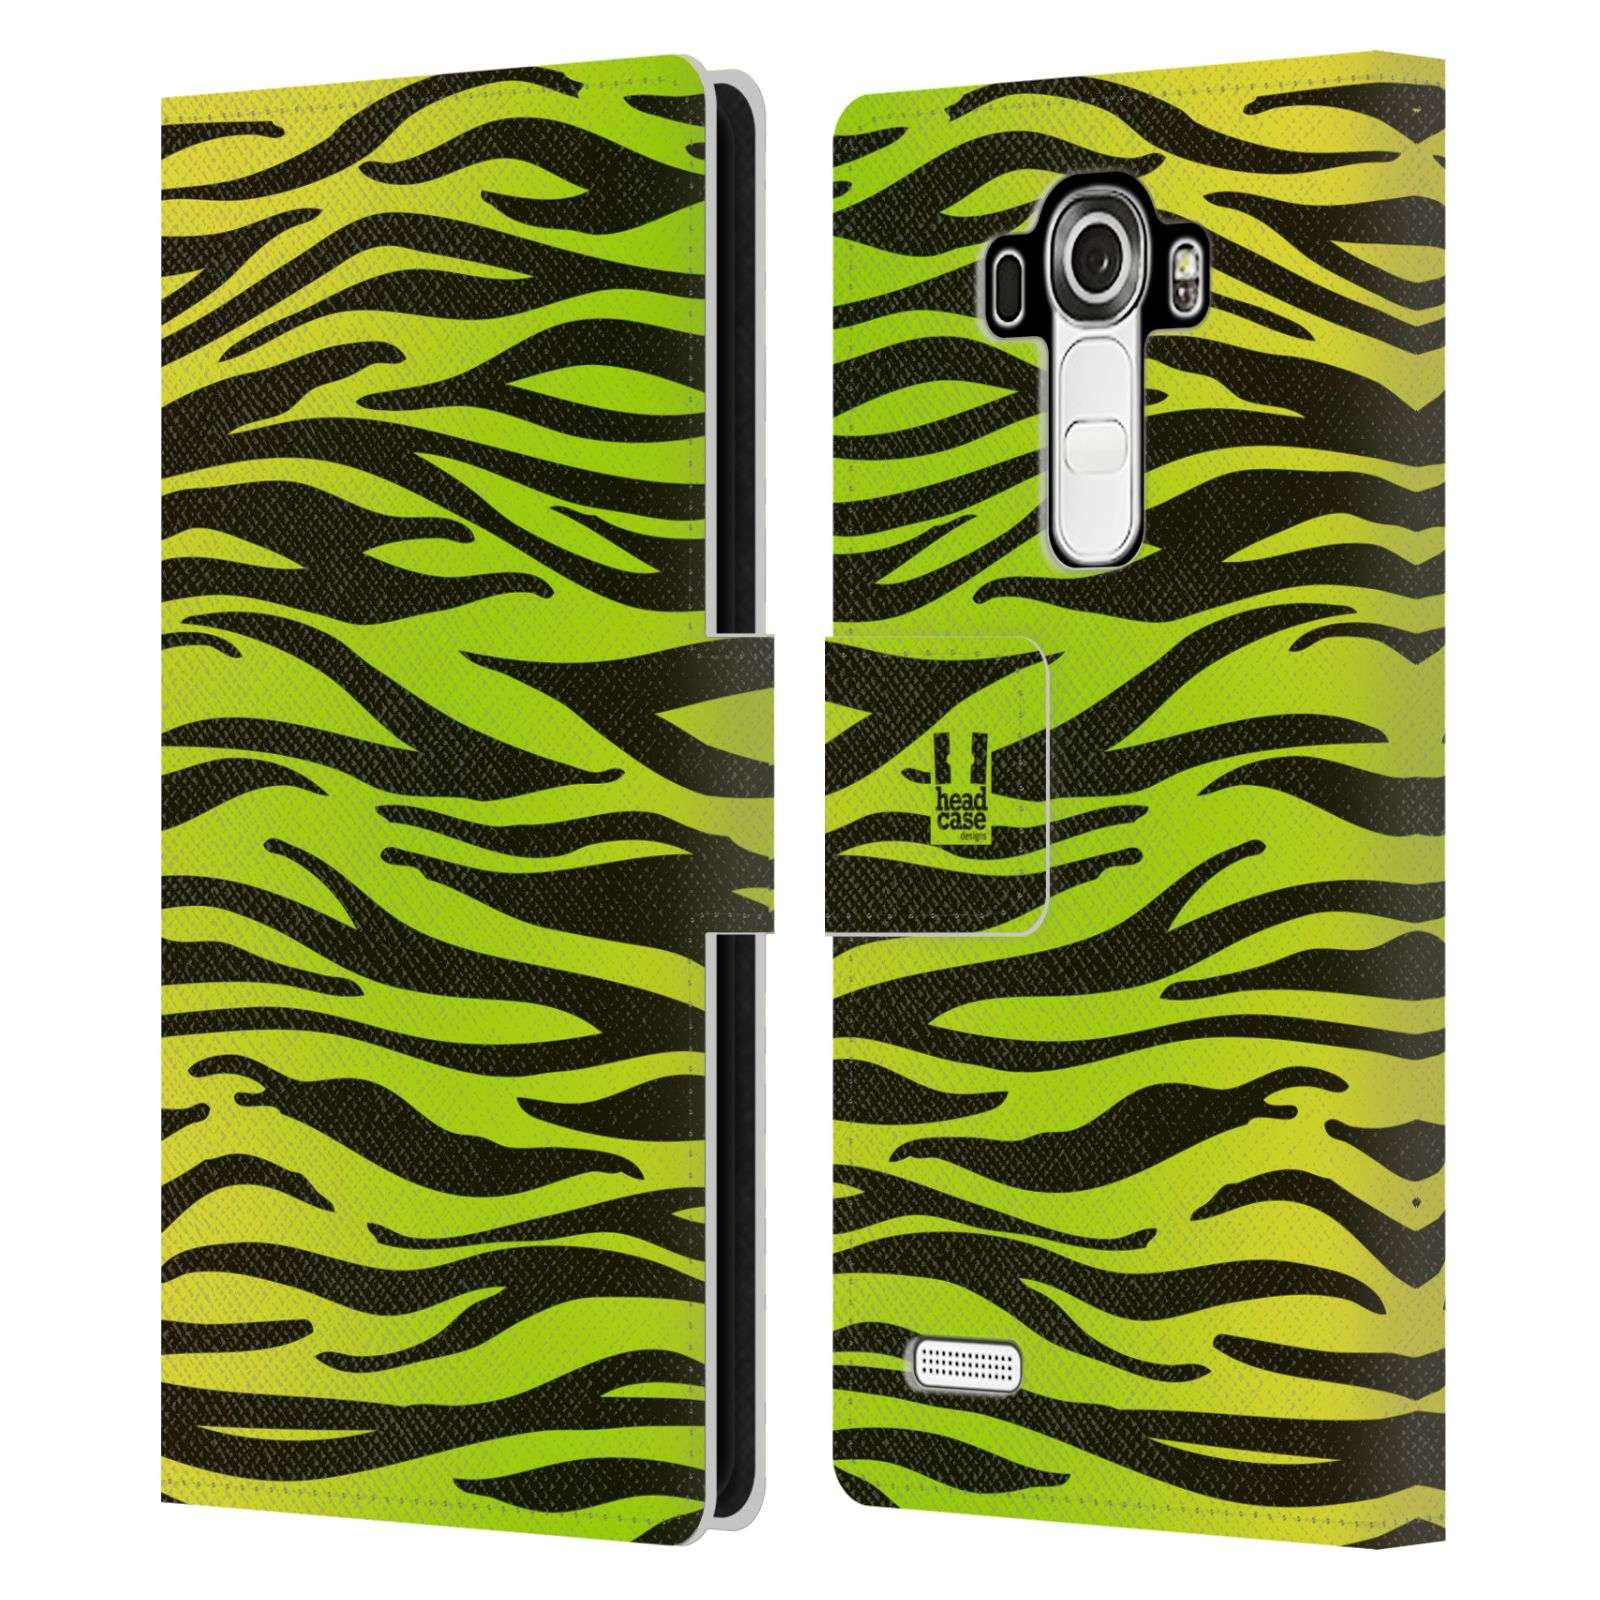 HEAD CASE Flipové pouzdro pro mobil LG G4 (H815) Zvířecí barevné vzory žlutozelená zebra